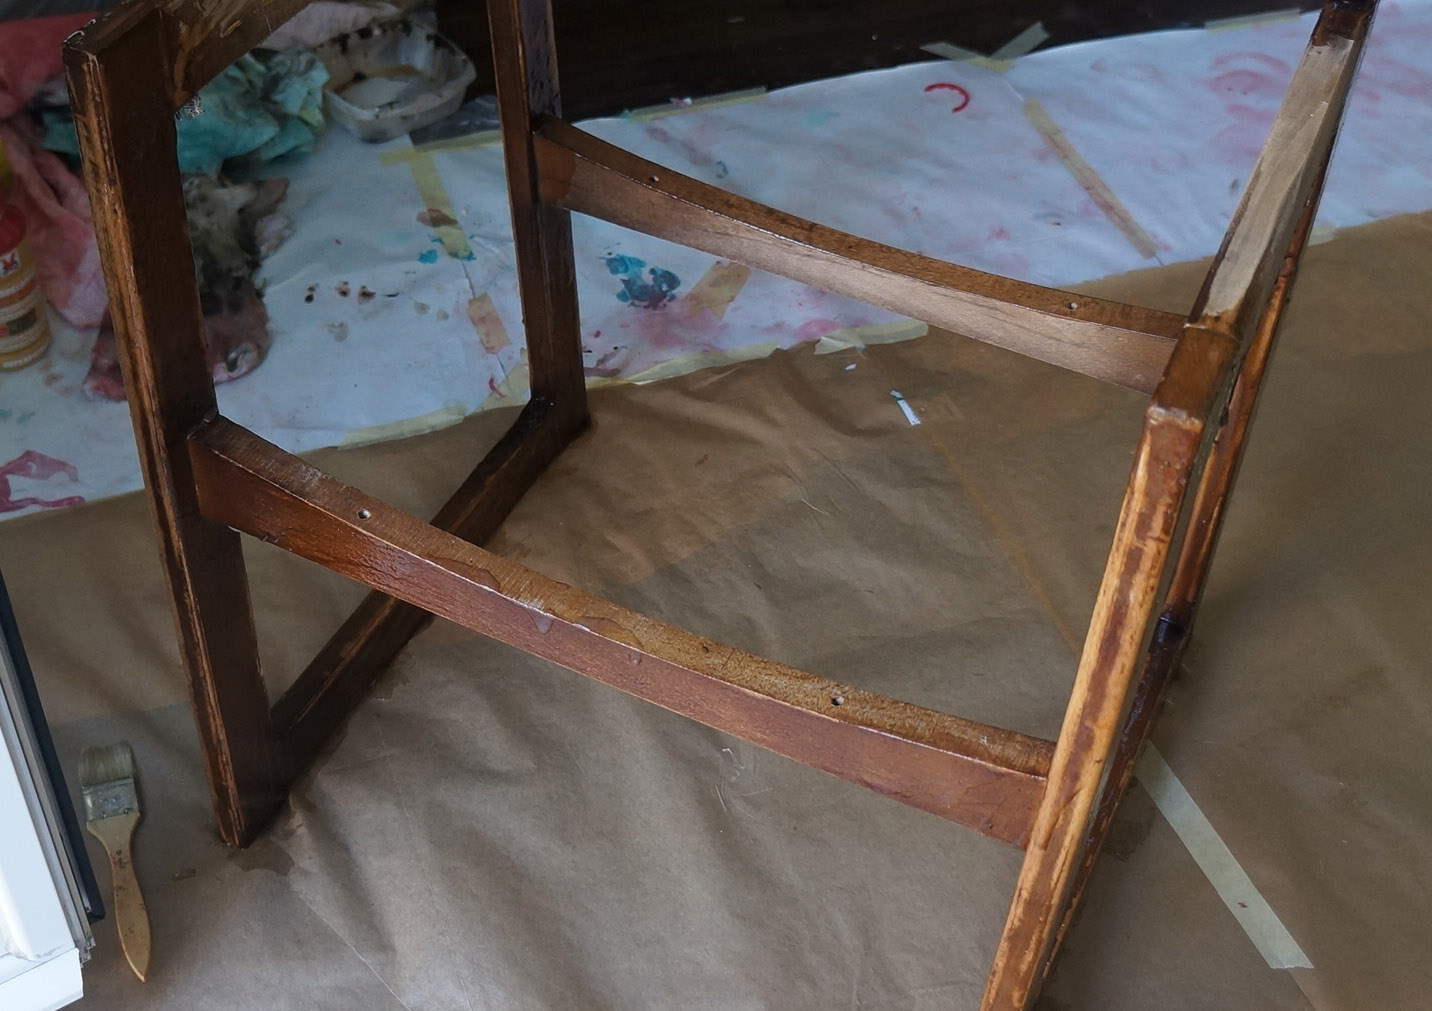 Silla del rastro renovada blog decoraci n y diy ideas para decorar tu casa diy decoraci n y - Decapar muebles barnizados ...